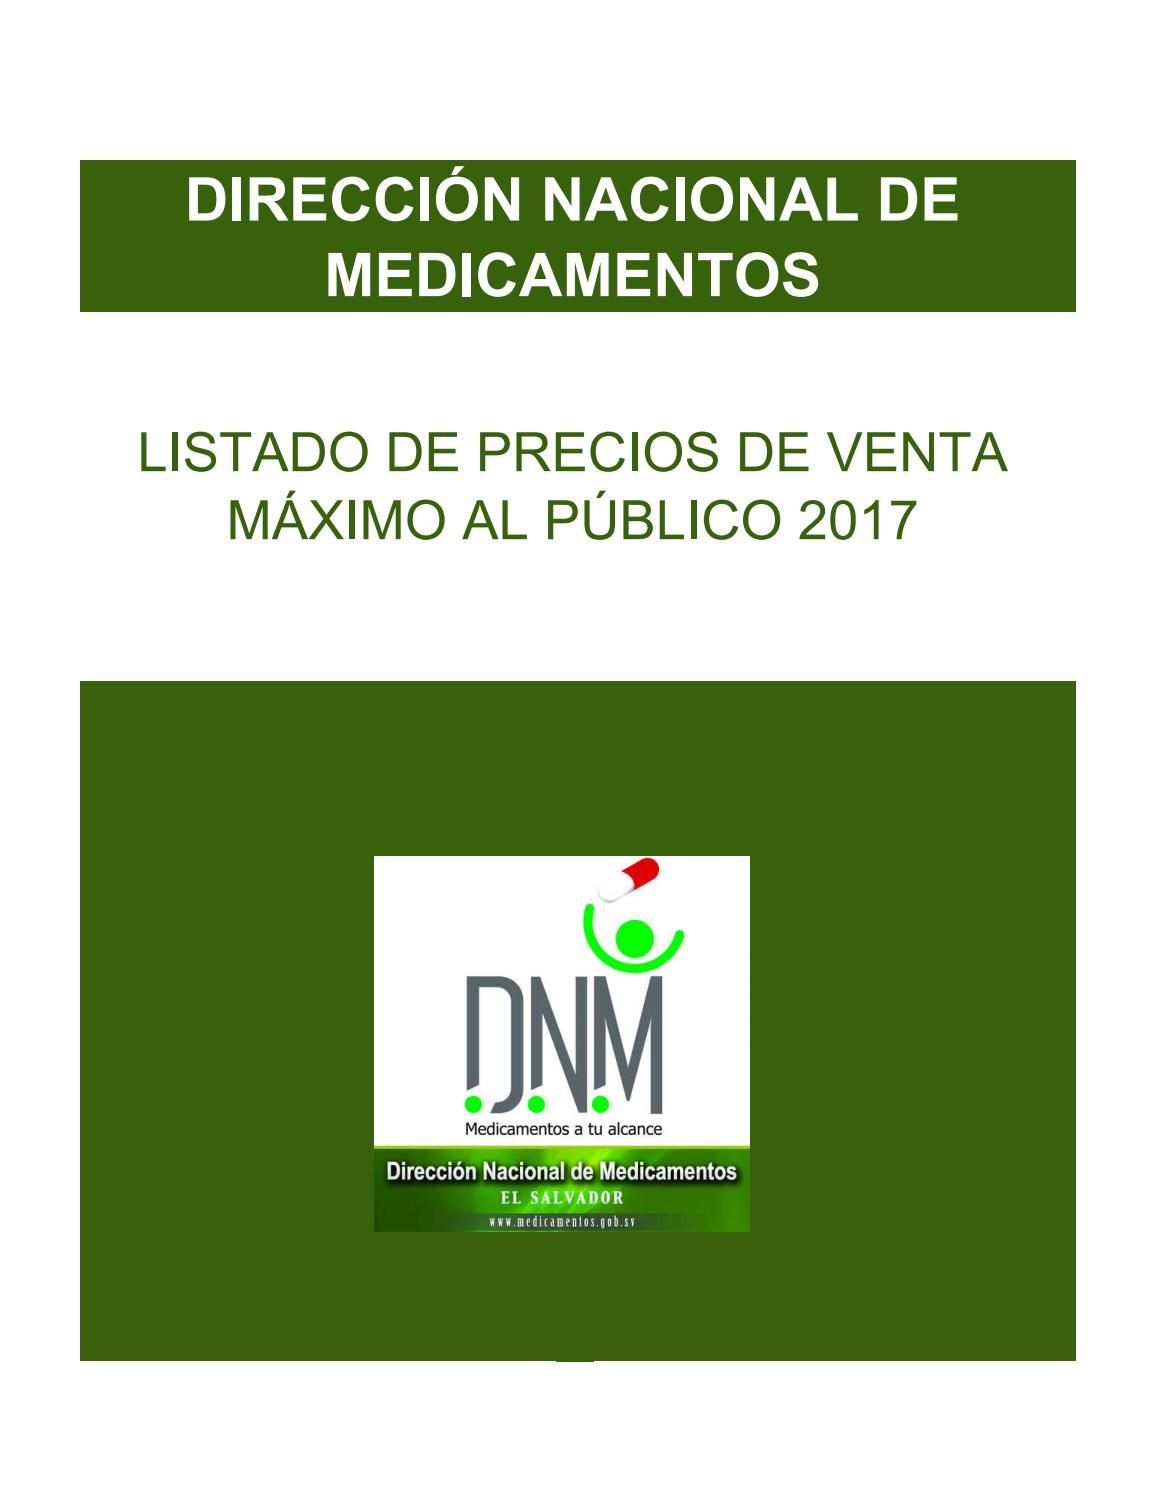 Listado Oficial De Precios De Venta Maximo Al Publico De Medicamentos 2017 By Lpg Multimedia La Prensa Grafica Issuu